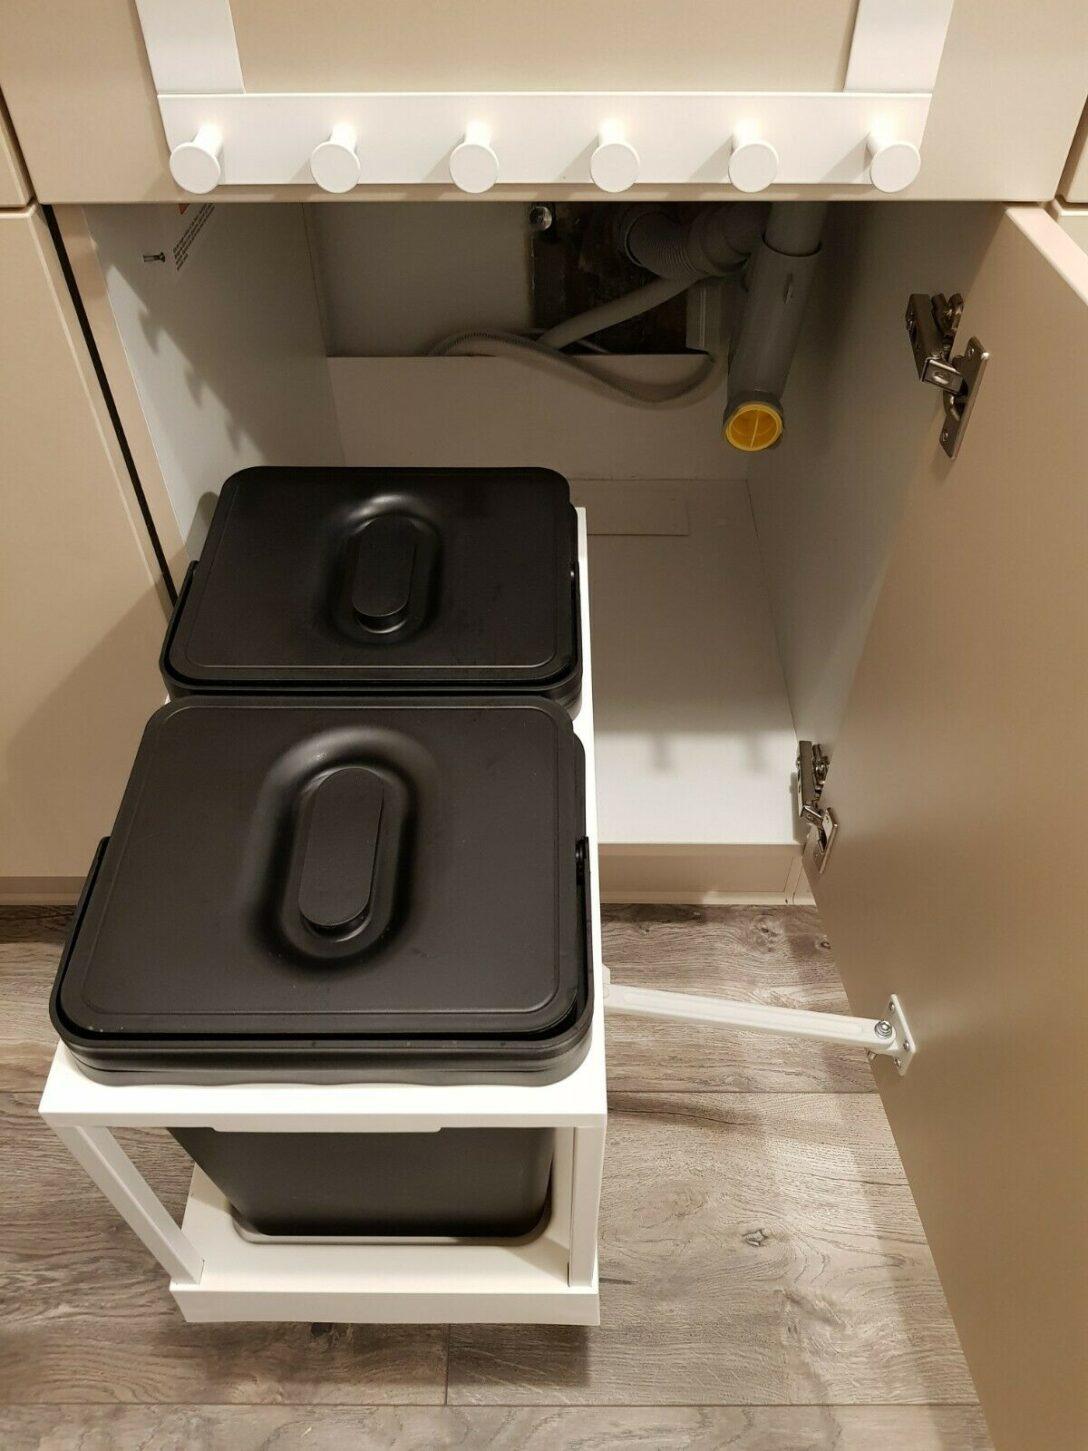 Large Size of Einbau Mülleimer Küche Betten Bei Ikea 160x200 Kosten Kaufen Modulküche Miniküche Sofa Mit Schlaffunktion Doppel Wohnzimmer Auszug Mülleimer Ikea